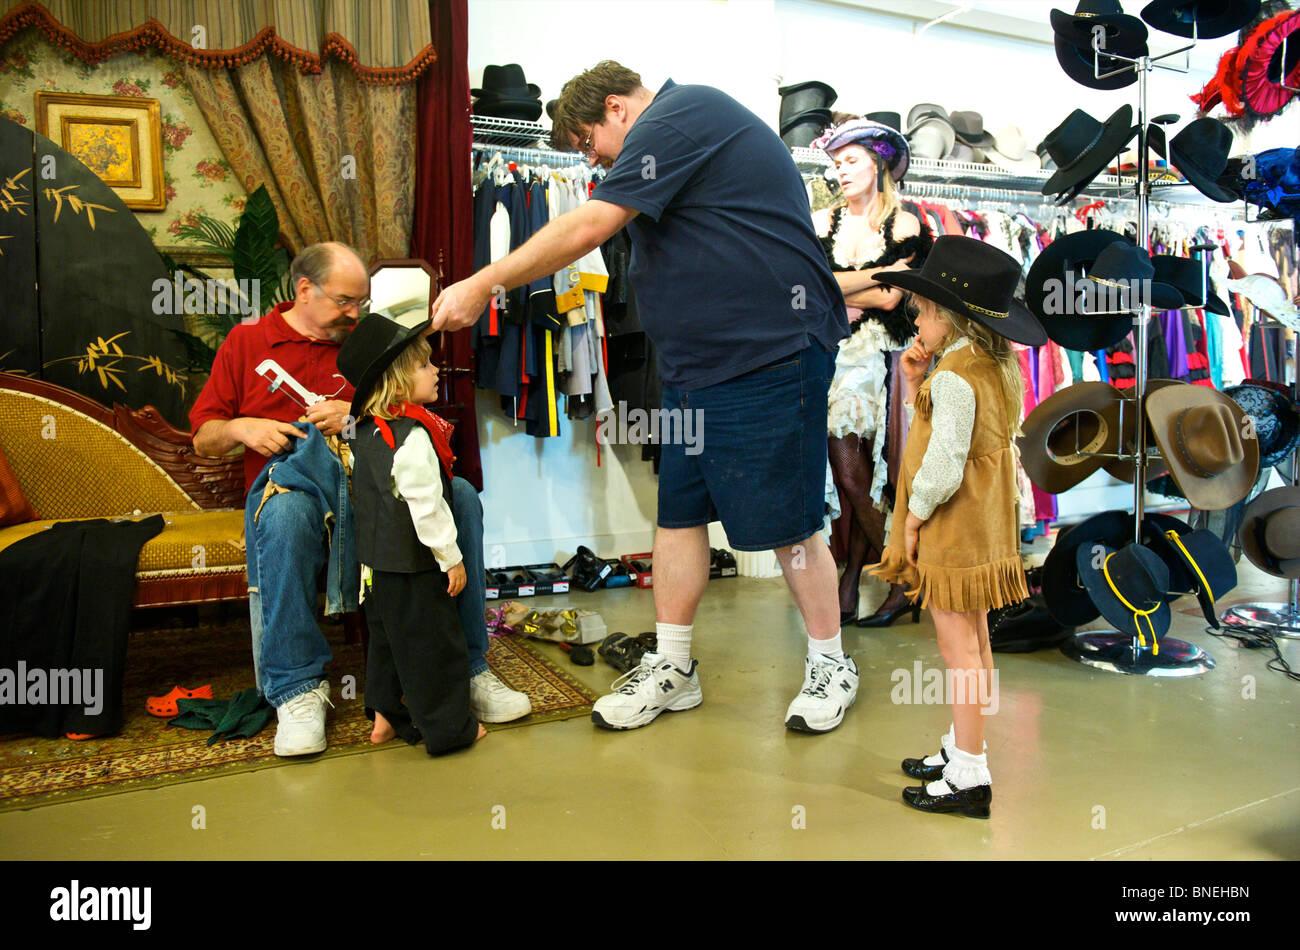 Famiglia turistica prepararsi in stile western abbigliamento a Wildwest per foto riprese in Galveston, STATI UNITI D'AMERICA Foto Stock